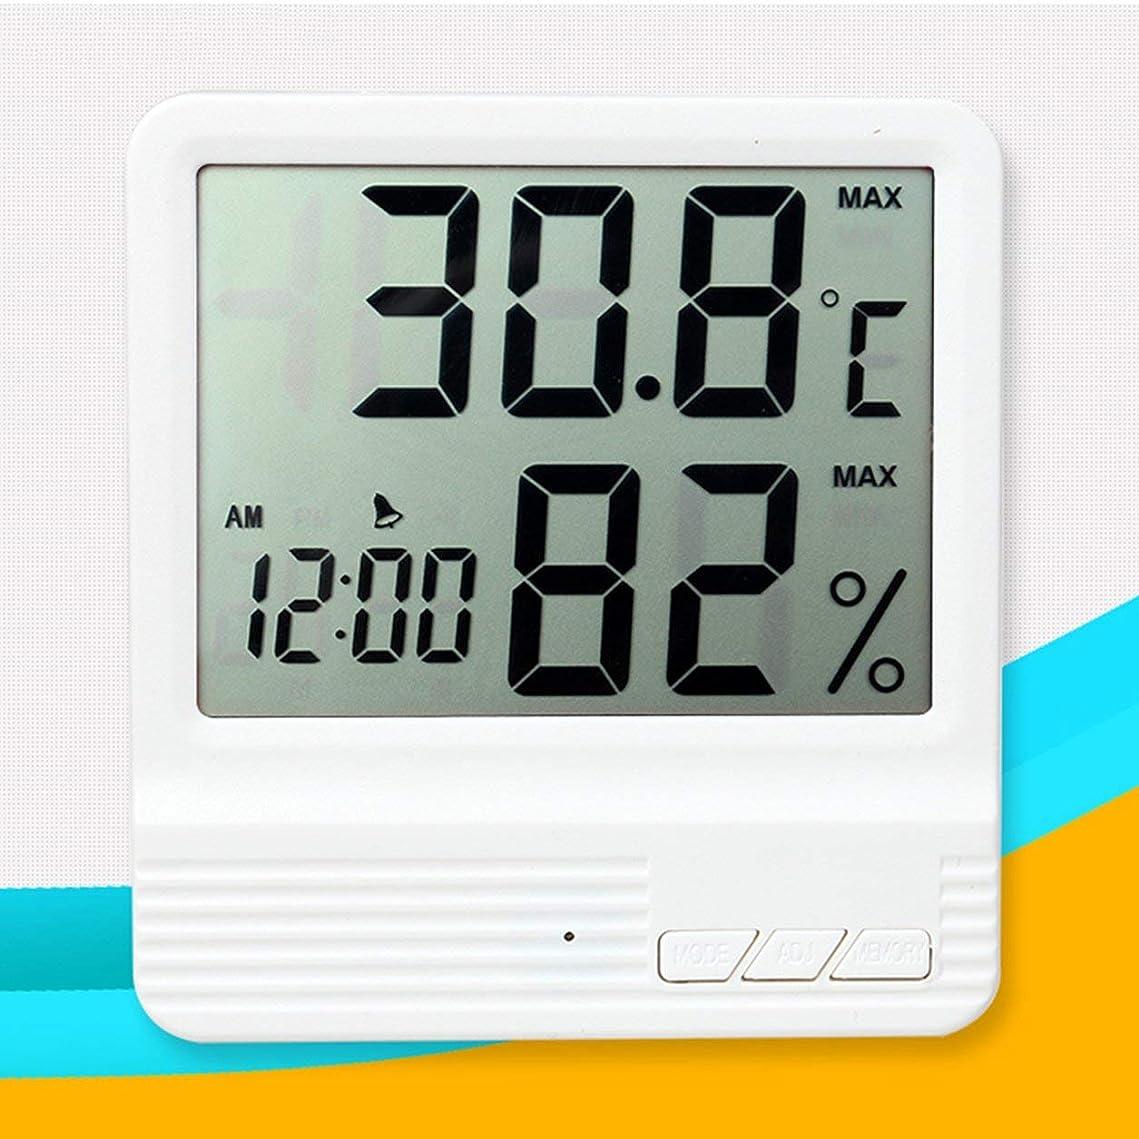 干渉ナサニエル区自分のためにSaikogoods 電子体温計湿度計 デジタルディスプレイ 温度湿度モニター アラーム時計 屋内家庭用 白